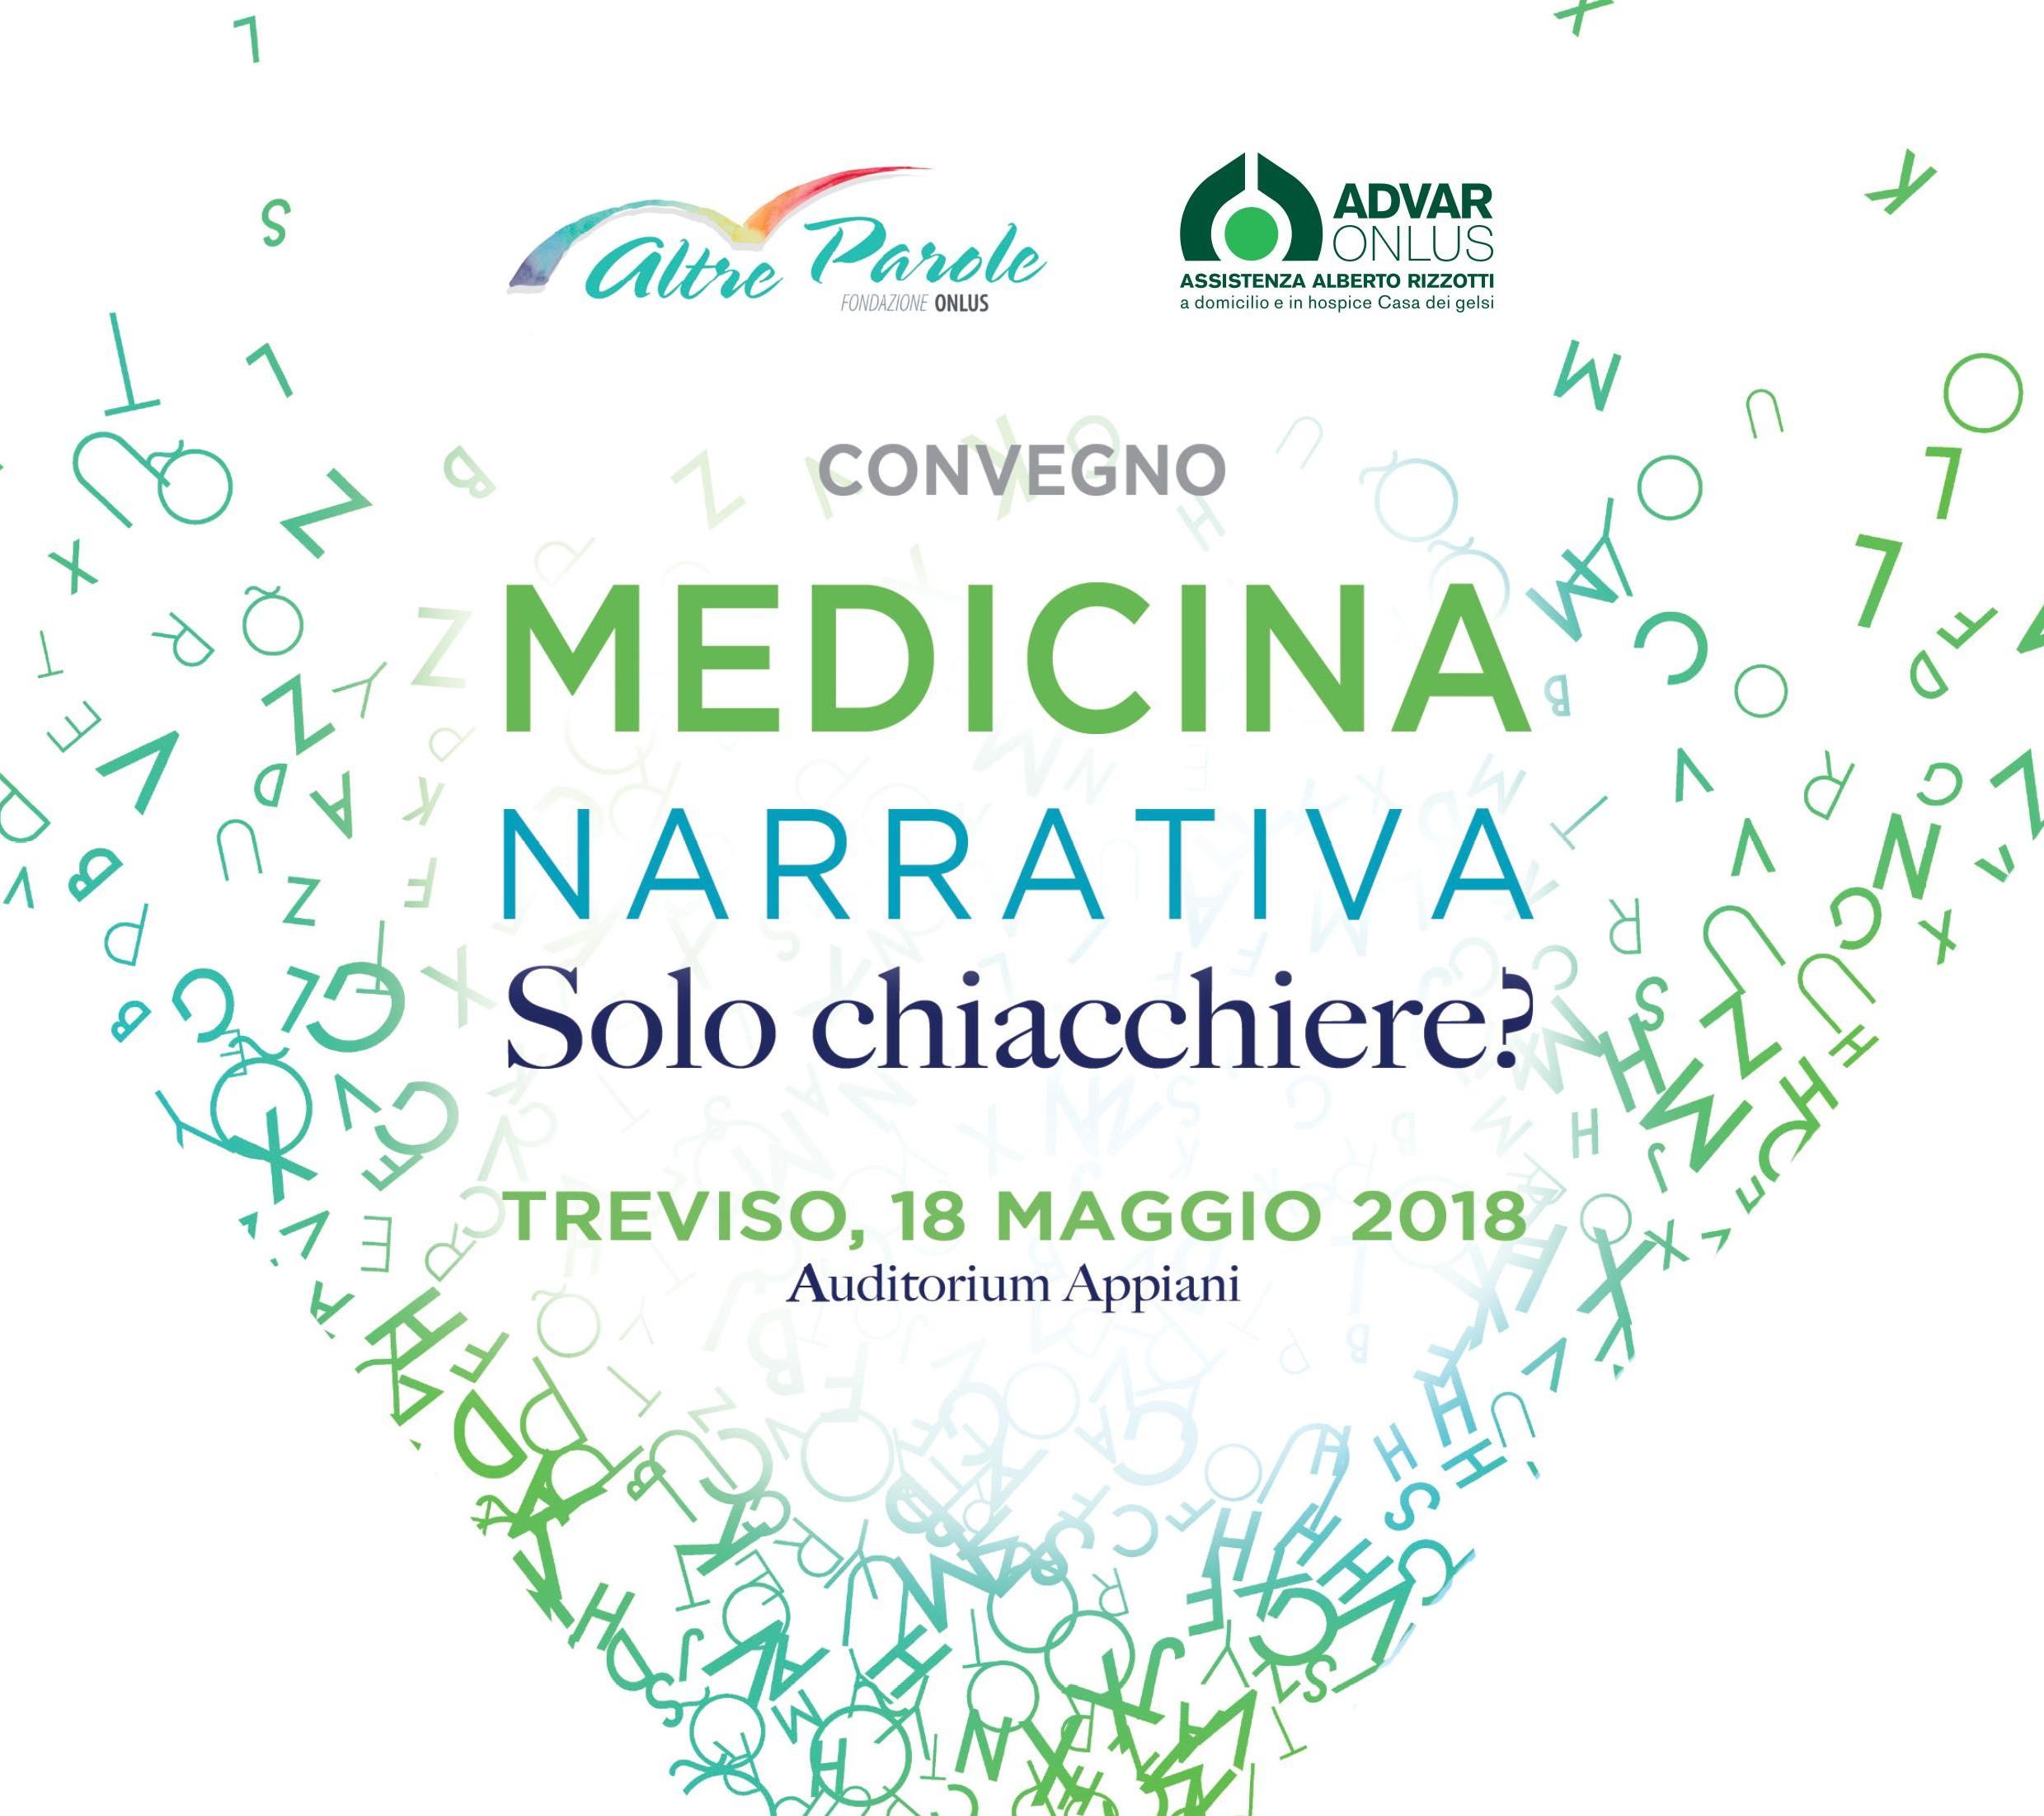 Medicina narrativa: solo chiacchiere?